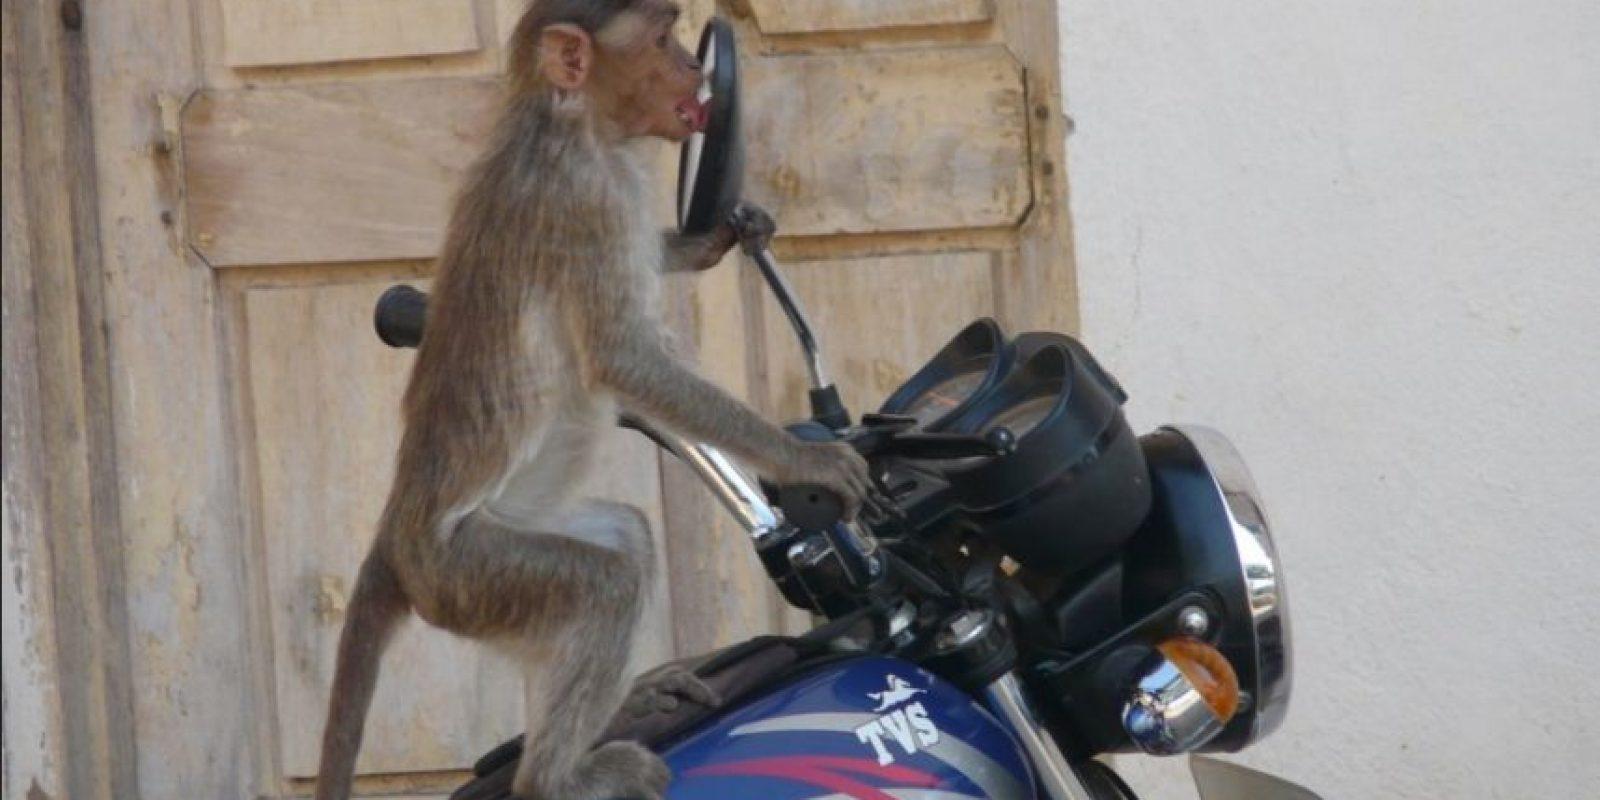 En moto Foto:Flickr/photos/sujuhyte